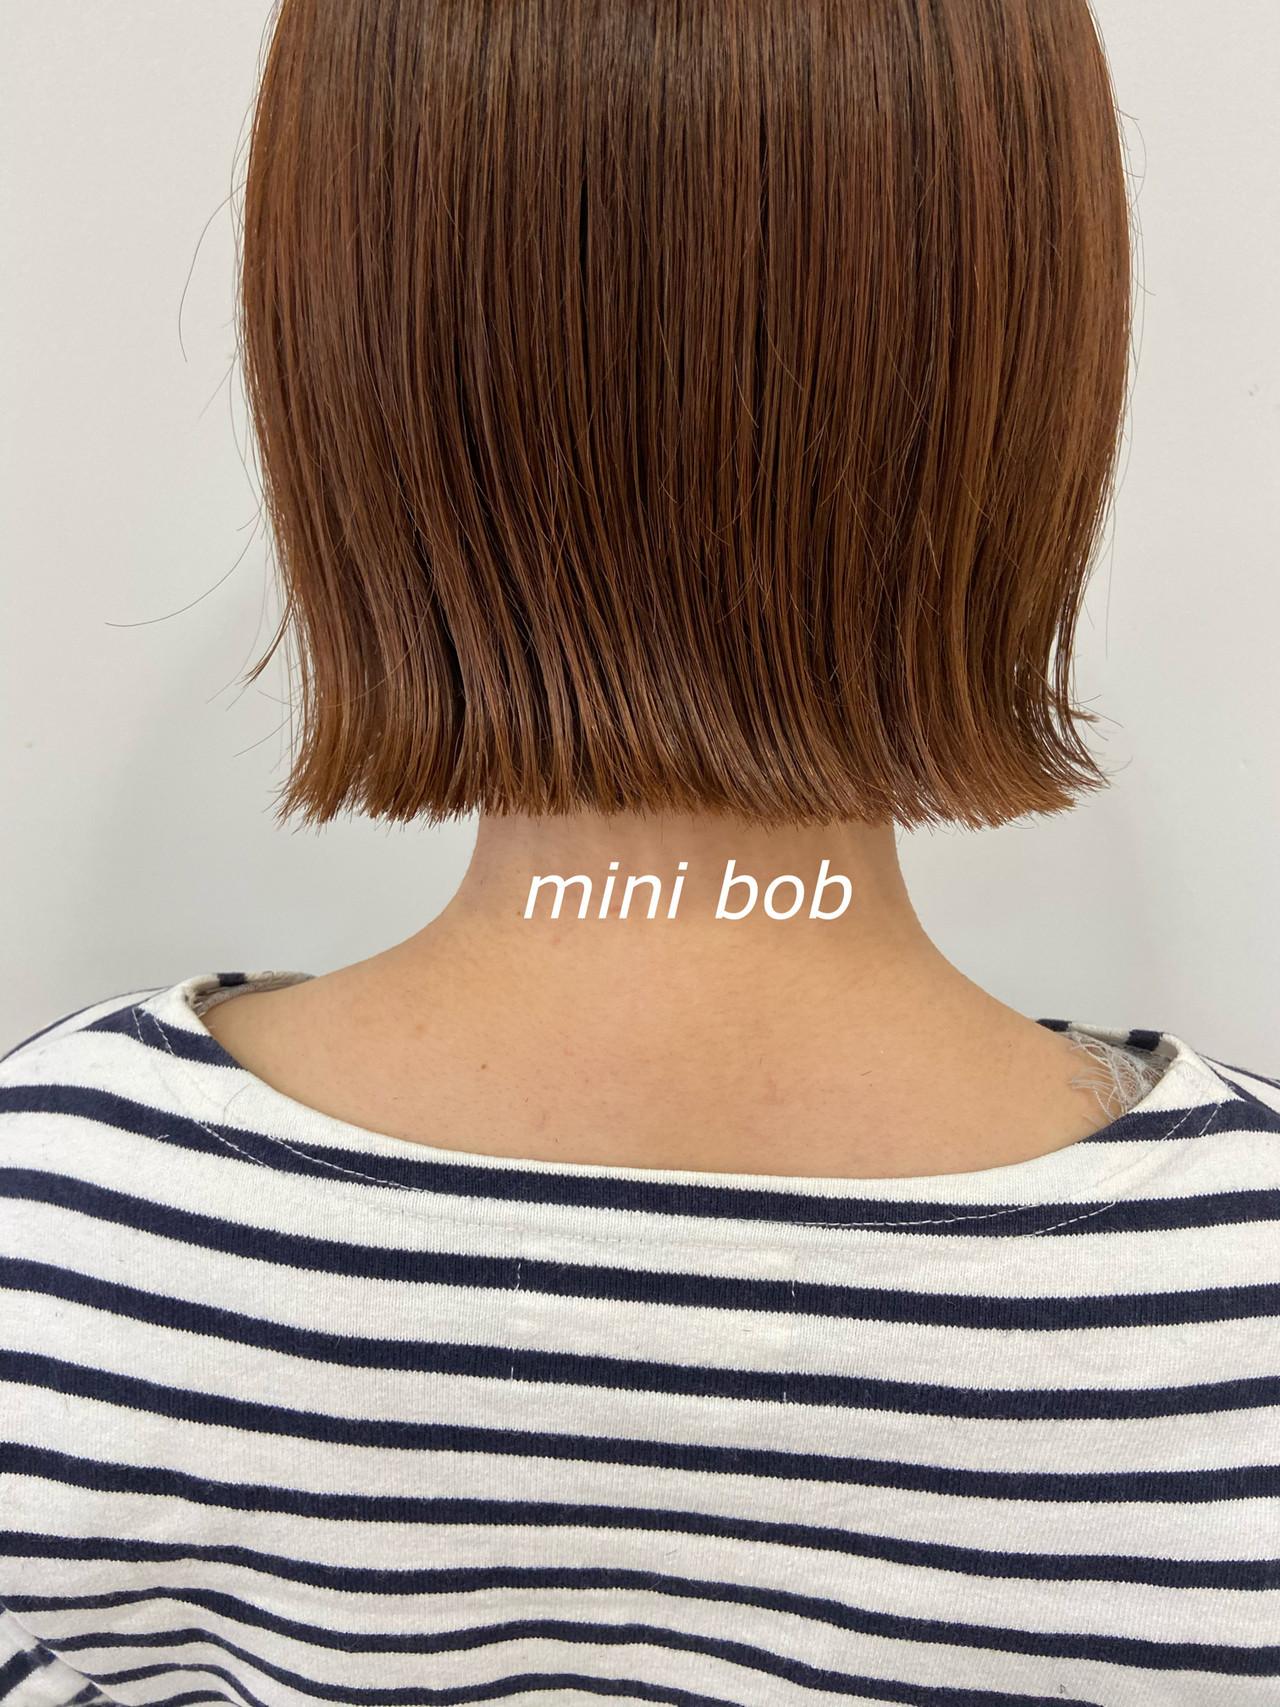 オレンジブラウン ボブ ショートボブ ナチュラル ヘアスタイルや髪型の写真・画像